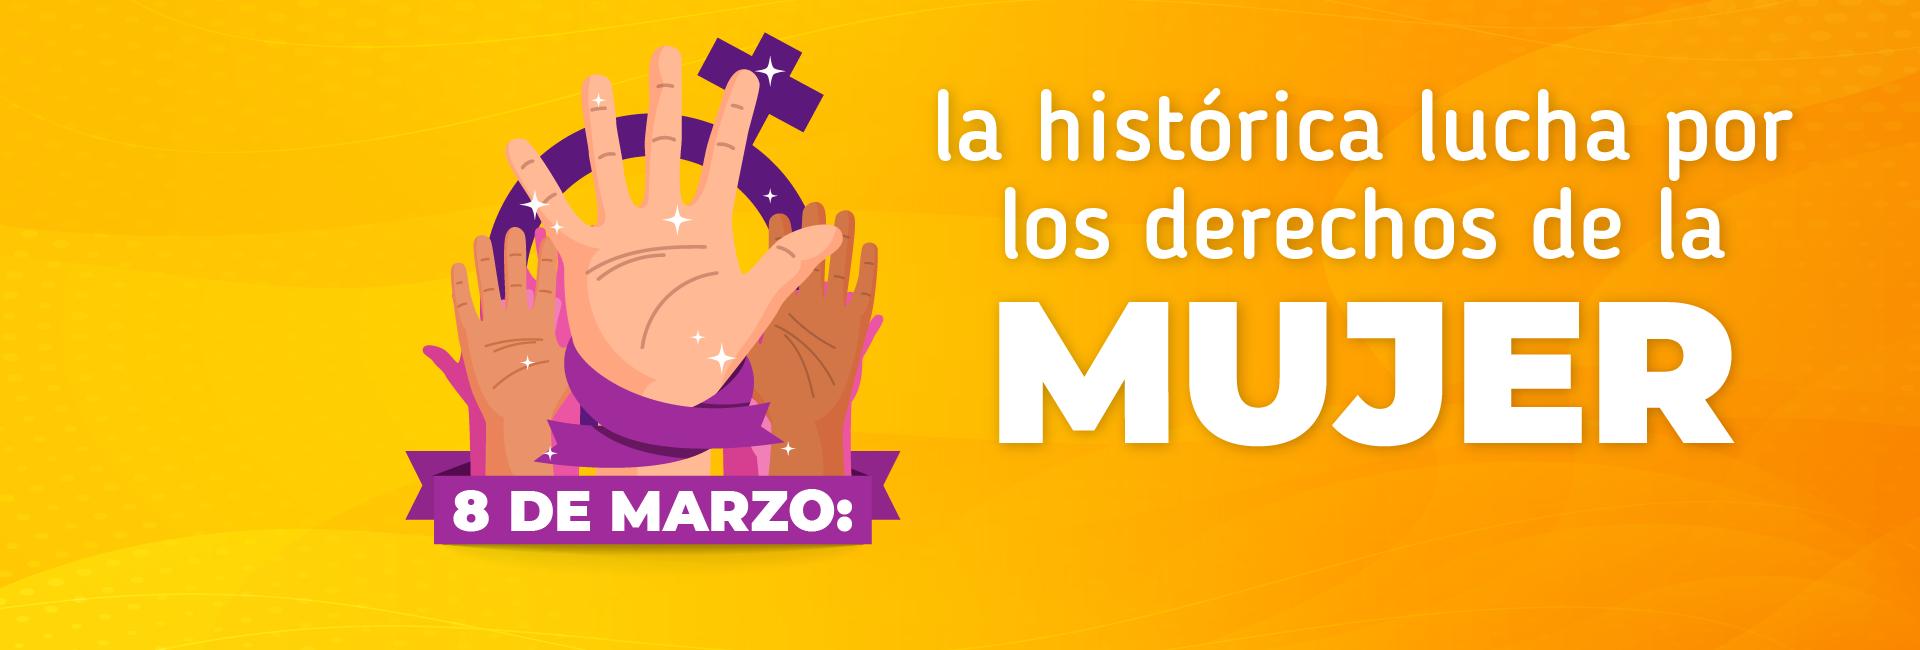 8 de marzo: la lucha histórica por los derechos de la mujer